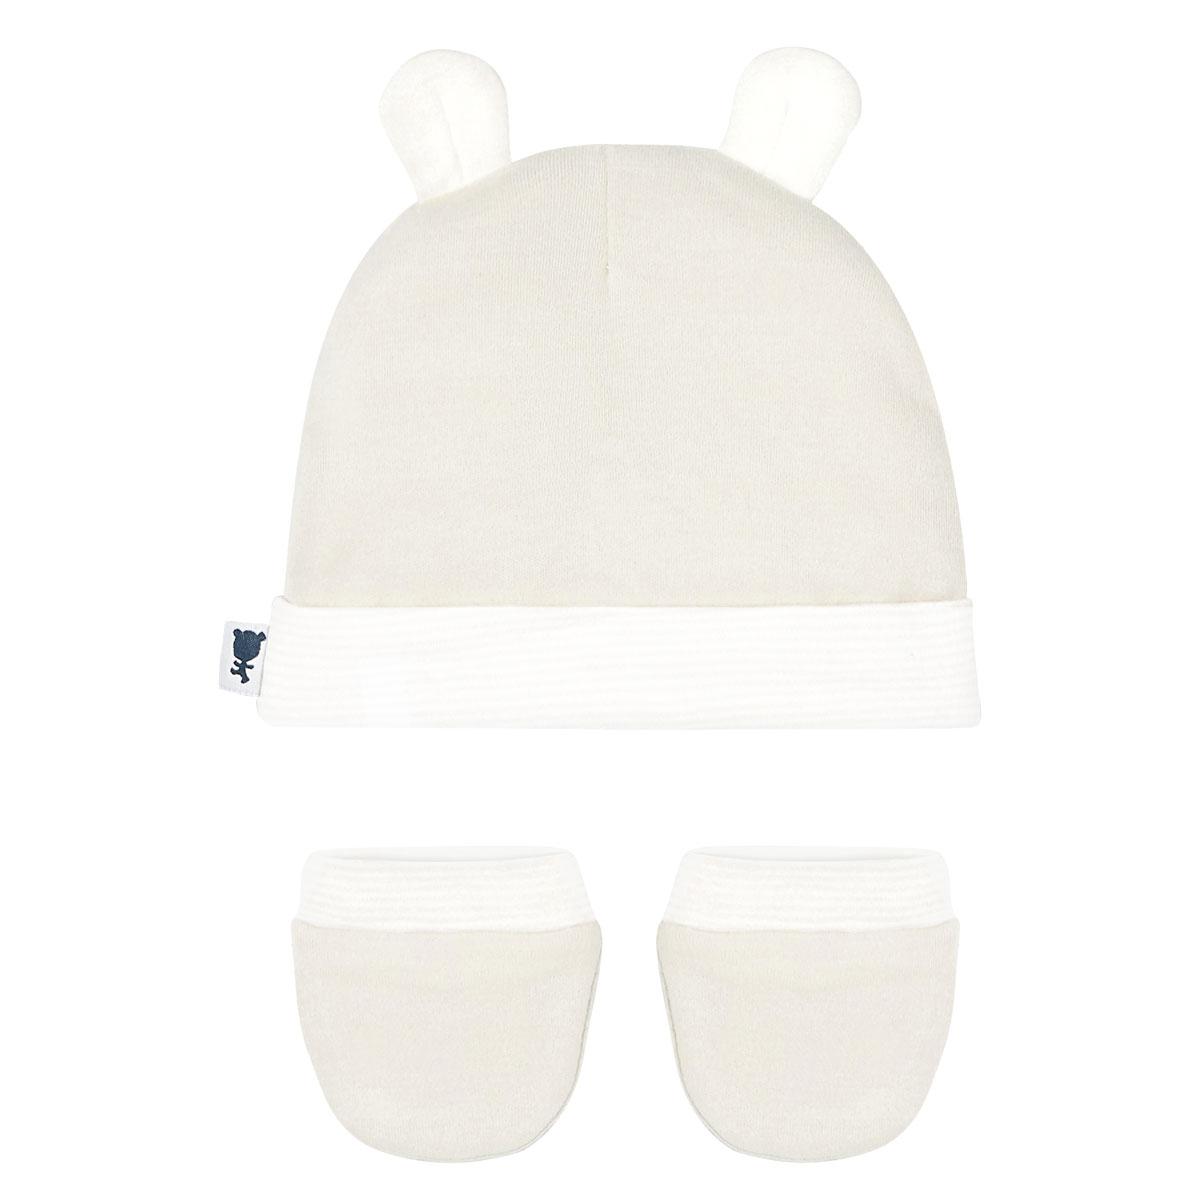 Bonnet + moufles anti-griffures bébé mixte Petite Plume 0/3M dos